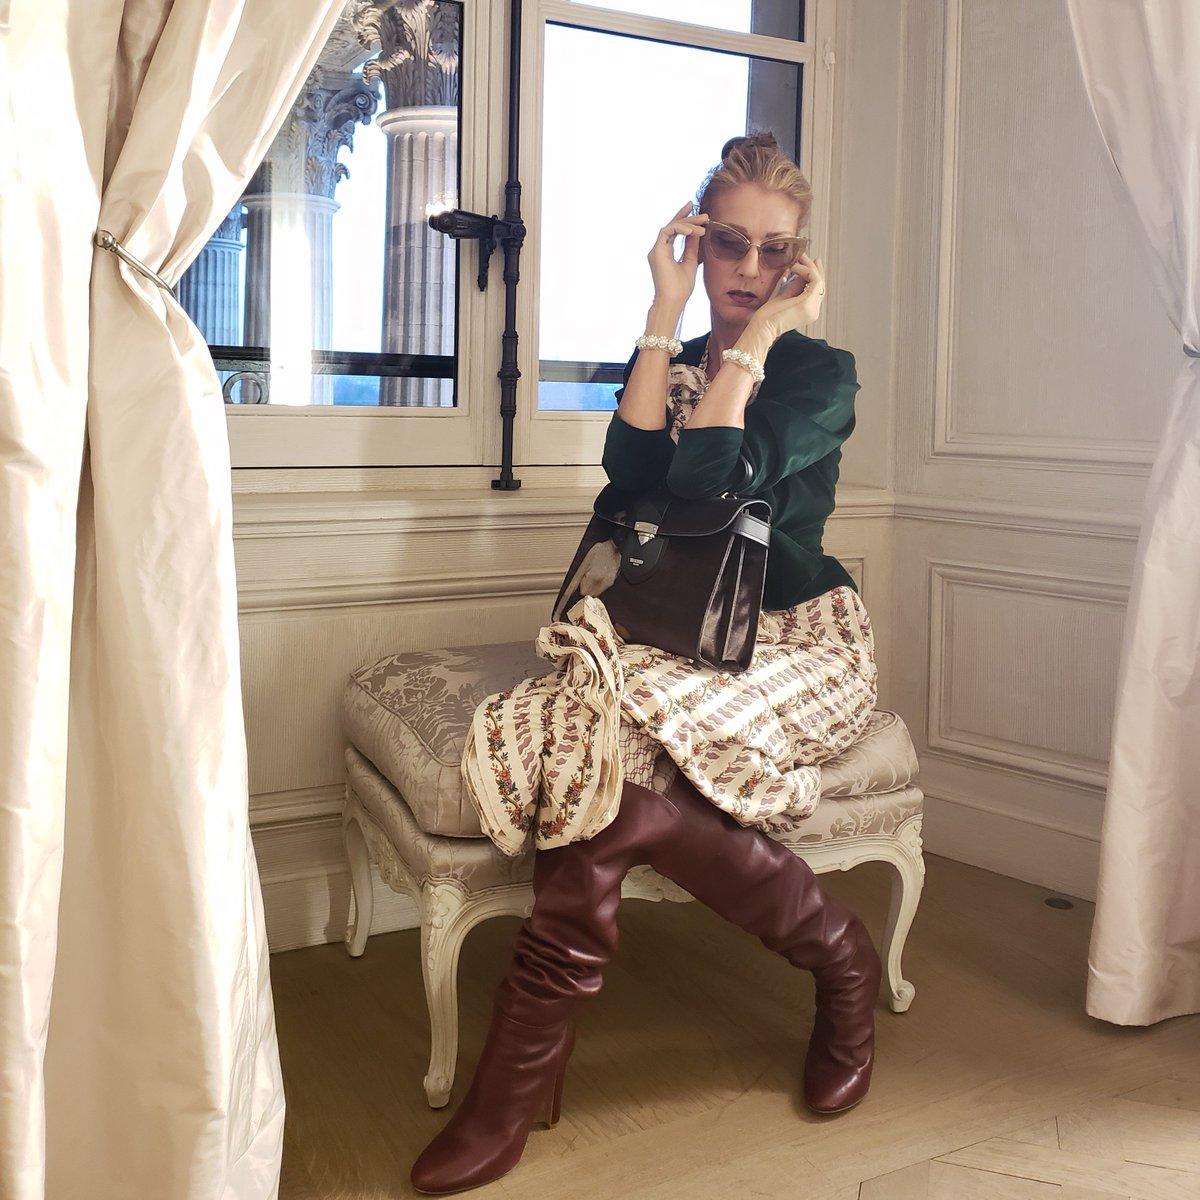 When in Paris… ✨ - Team Céline . Quand on est à Paris… ✨ - Team Céline  📸 : Dee Amore Marti  #fashion #OOTD